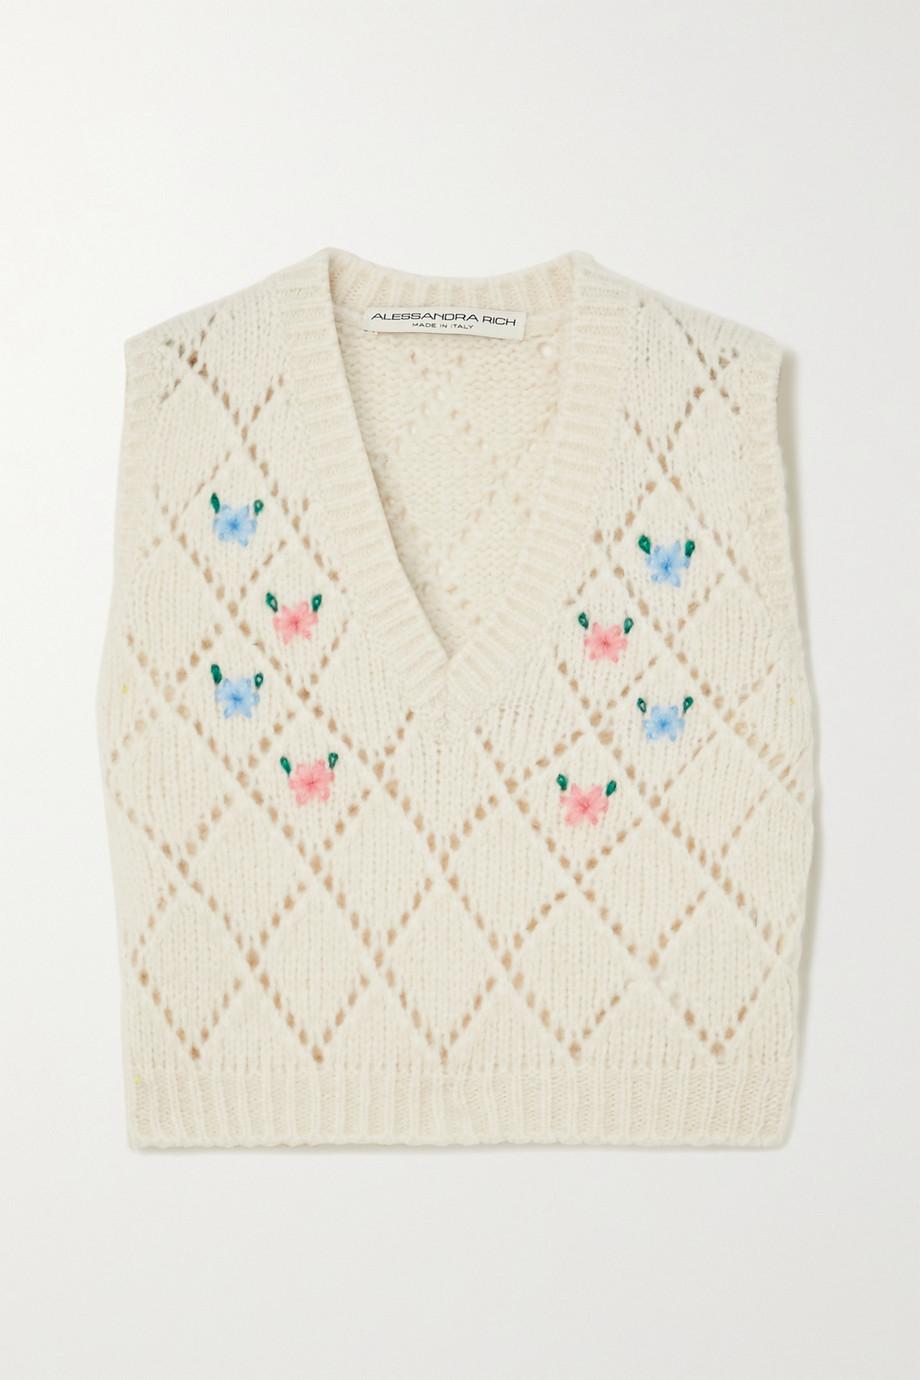 Alessandra Rich Ärmelloser Pullover aus Pointelle-Strick aus einer Alpakawollmischung mit Stickereien